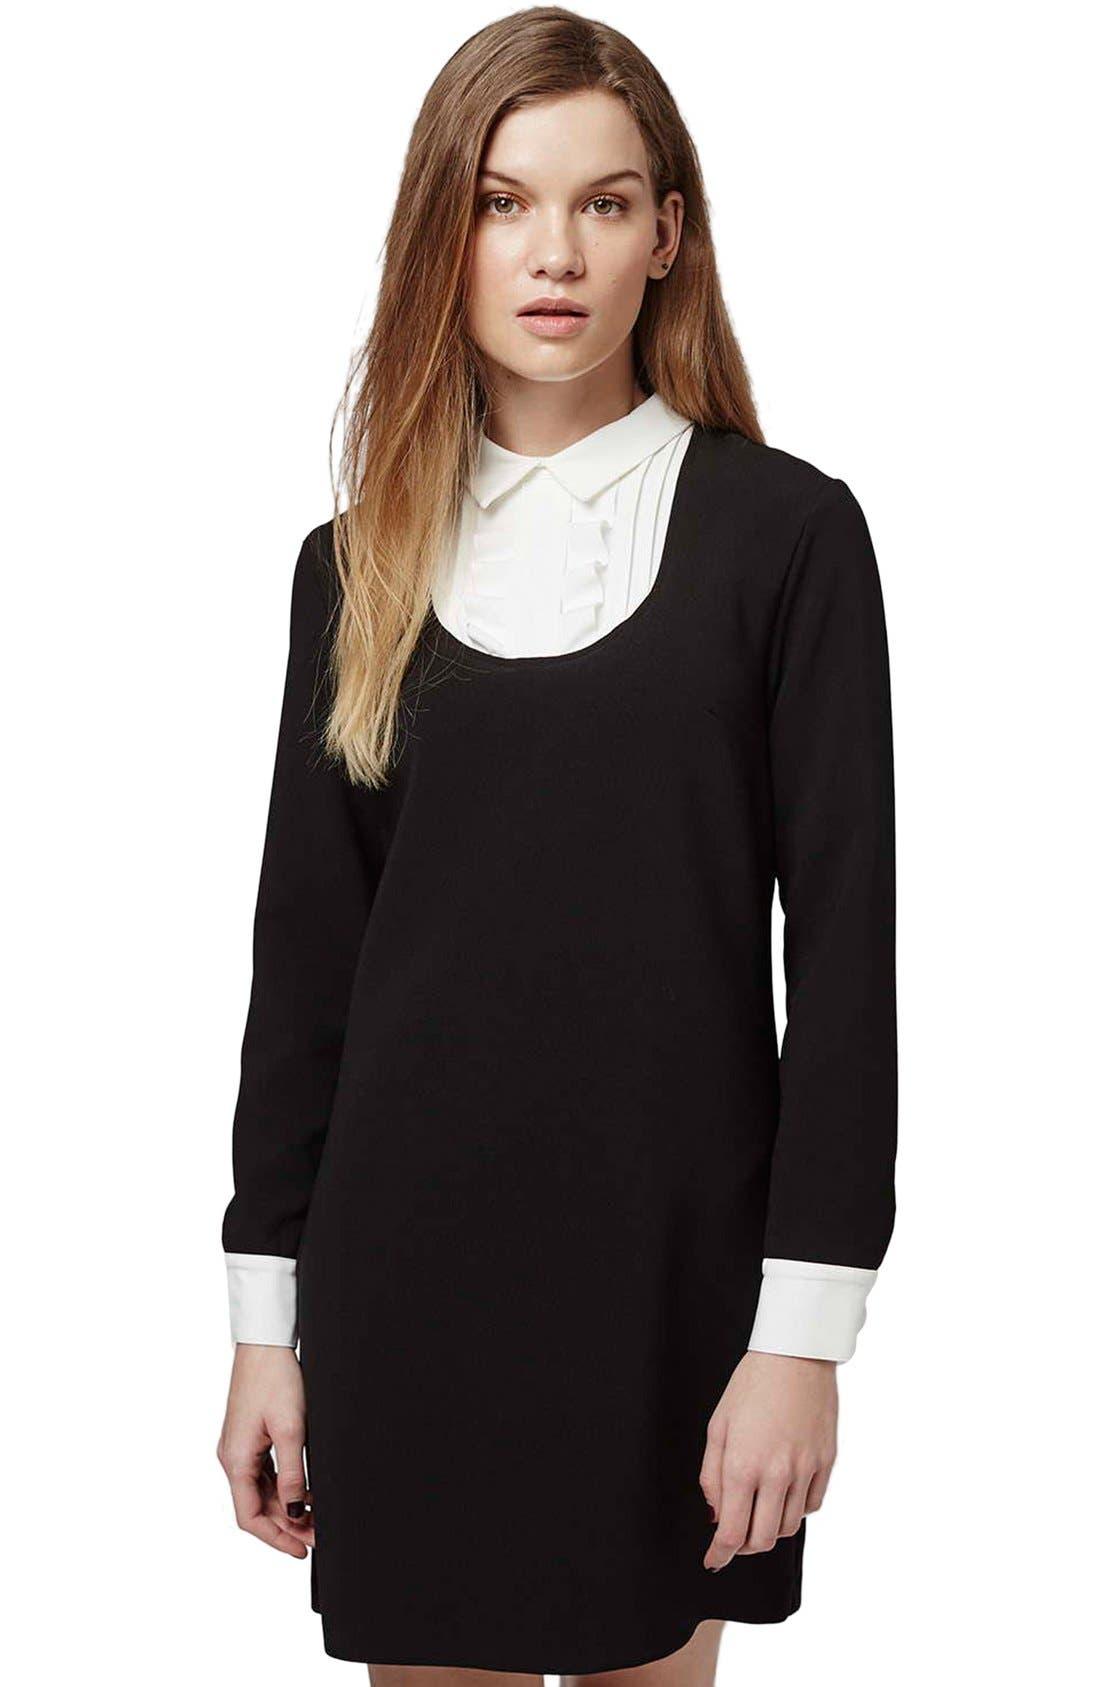 Ruffle Bib Shift Dress,                             Alternate thumbnail 3, color,                             Black Multi